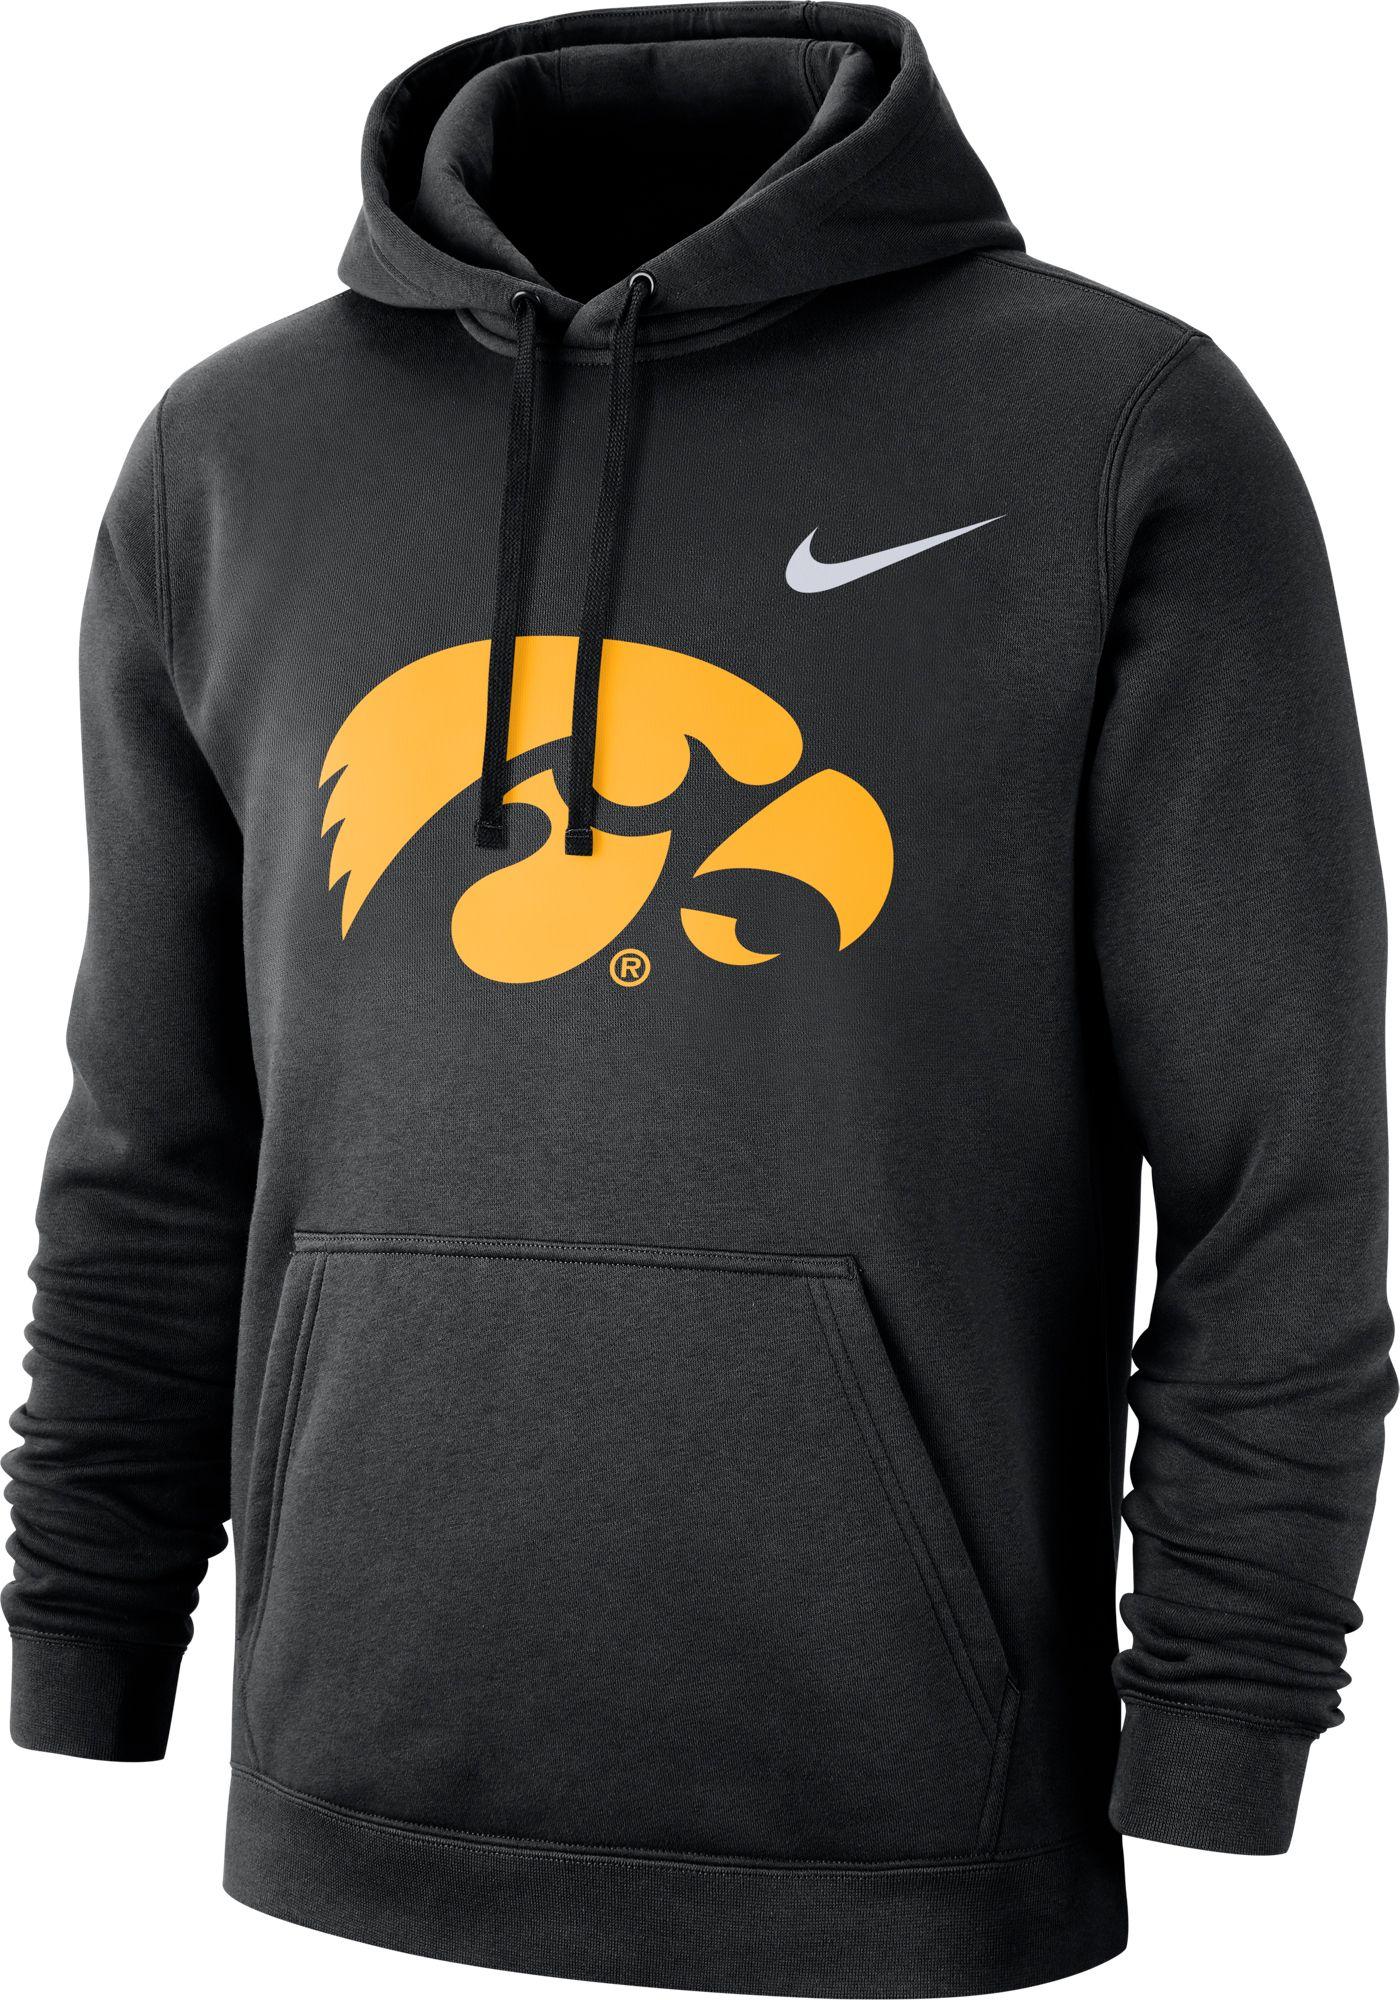 Nike Men's Iowa Hawkeyes Club Fleece Pullover Black Hoodie